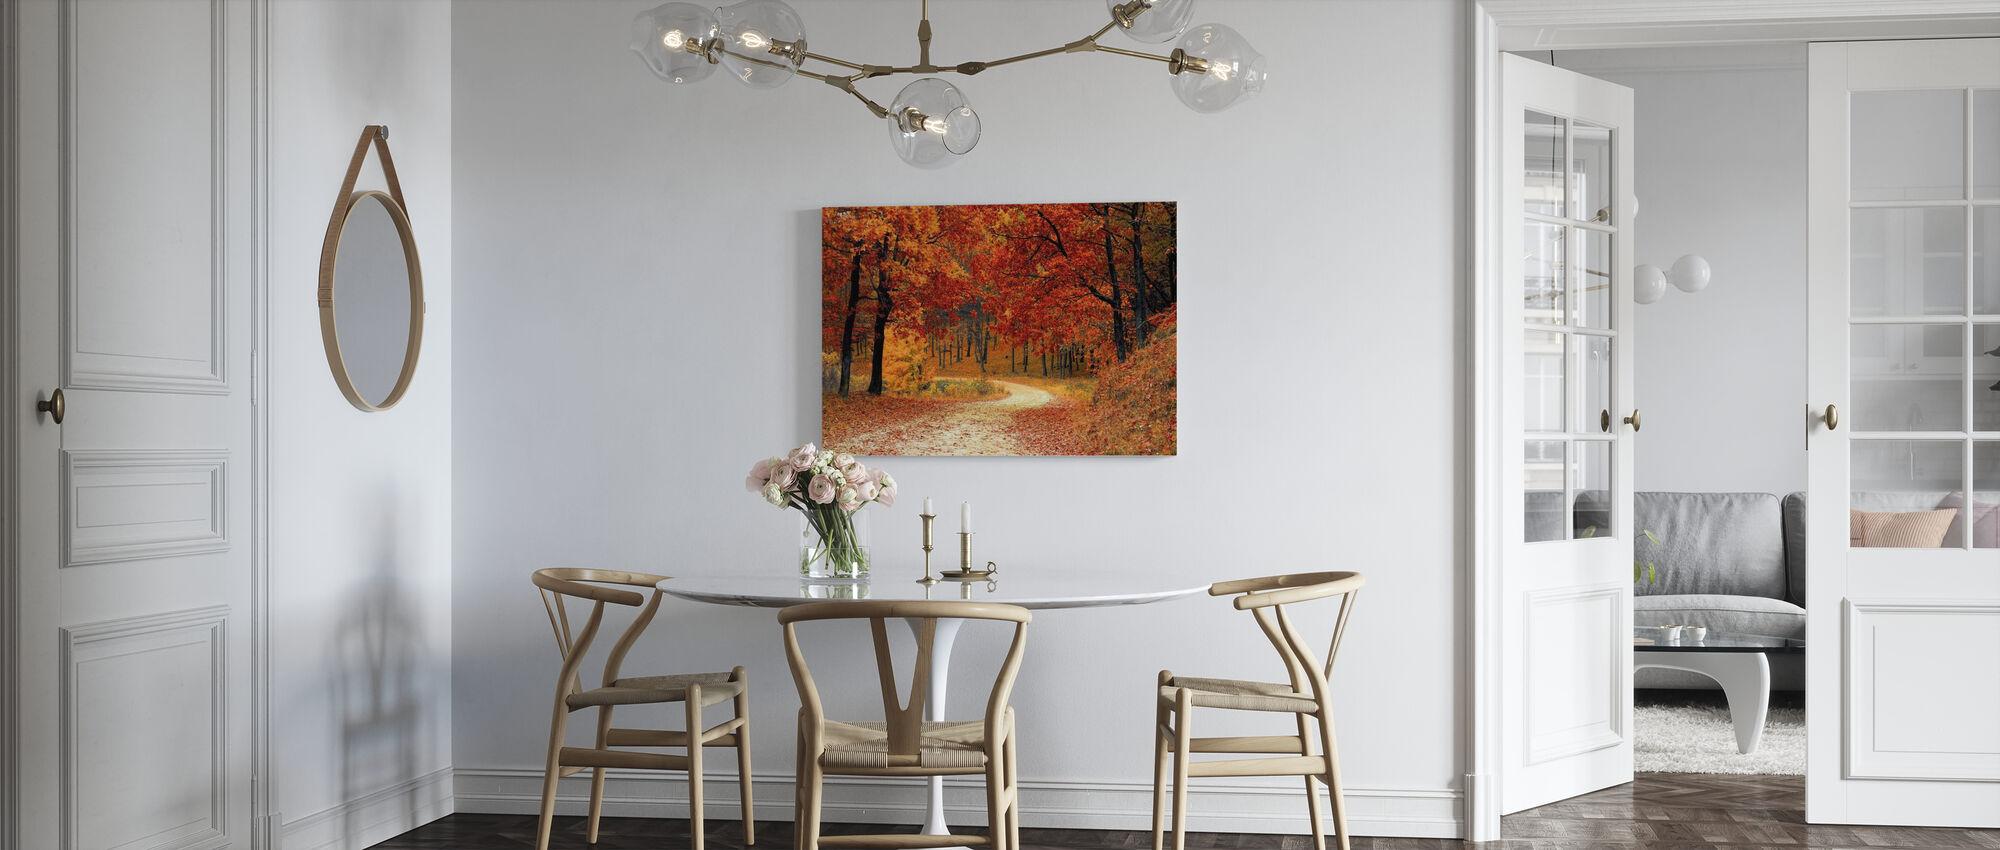 Woods Pathway - Canvas print - Kitchen